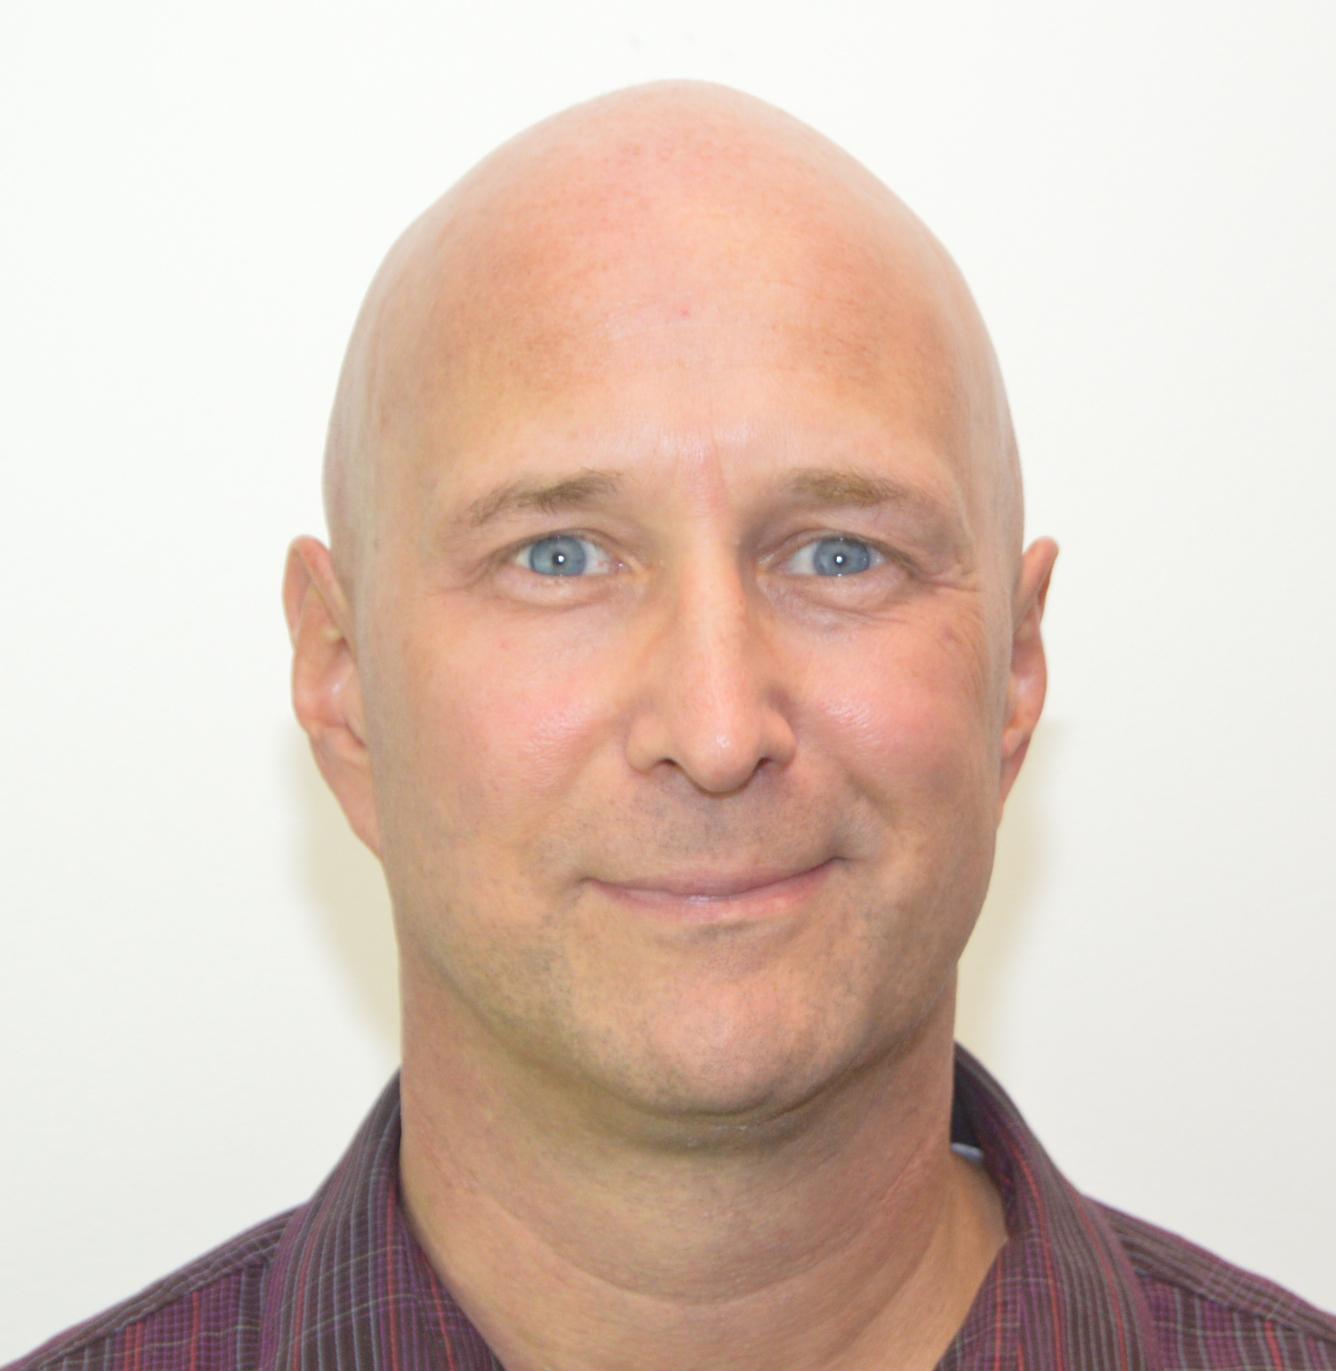 Paul Zablotski